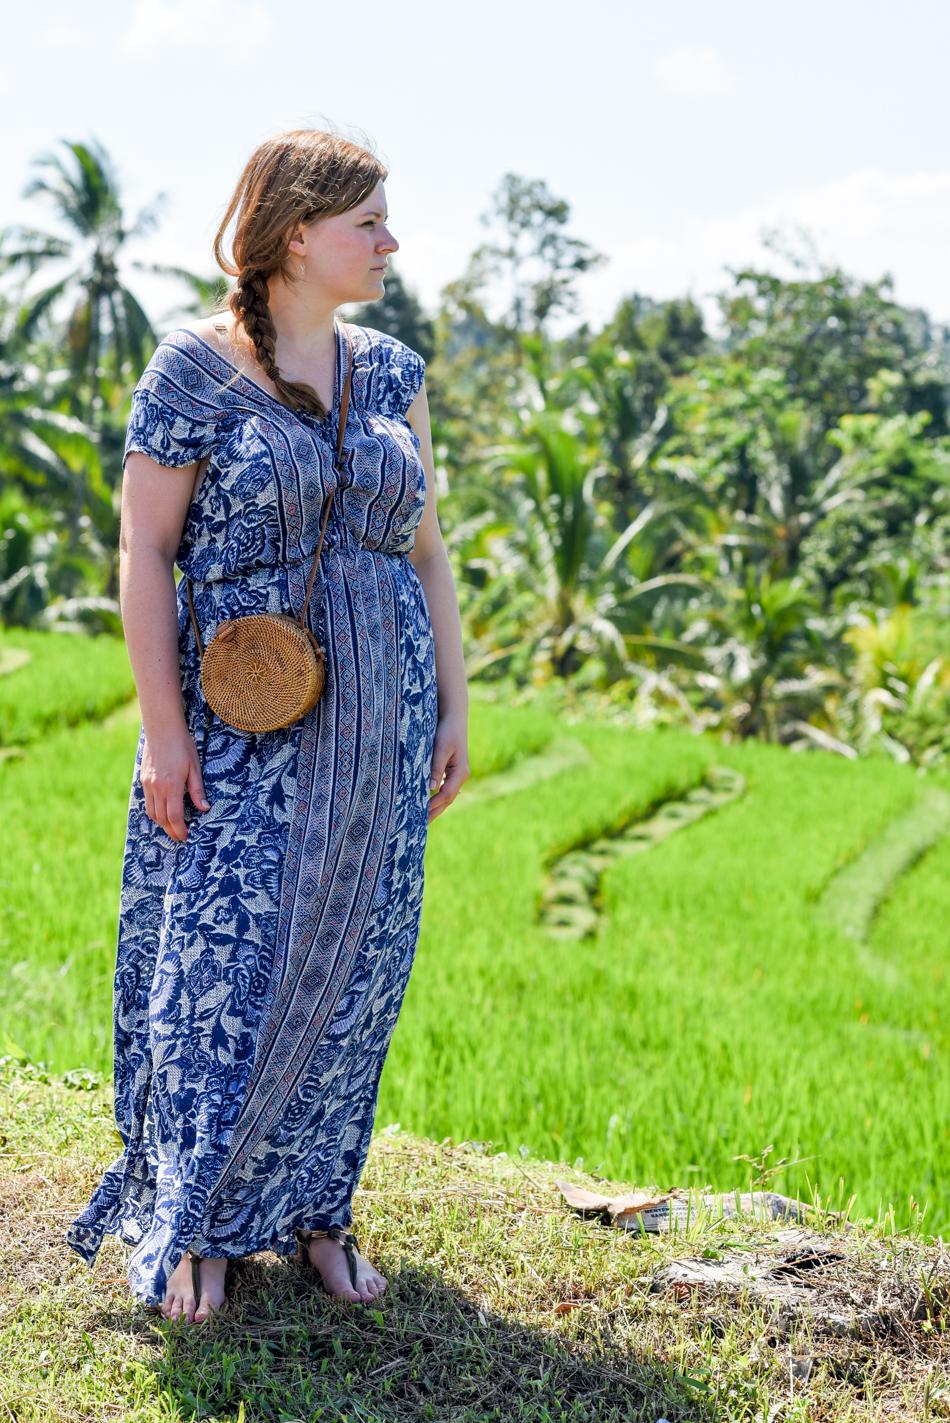 Bali-Honeymoon-Travel-AnaisStoelen-42.jpg